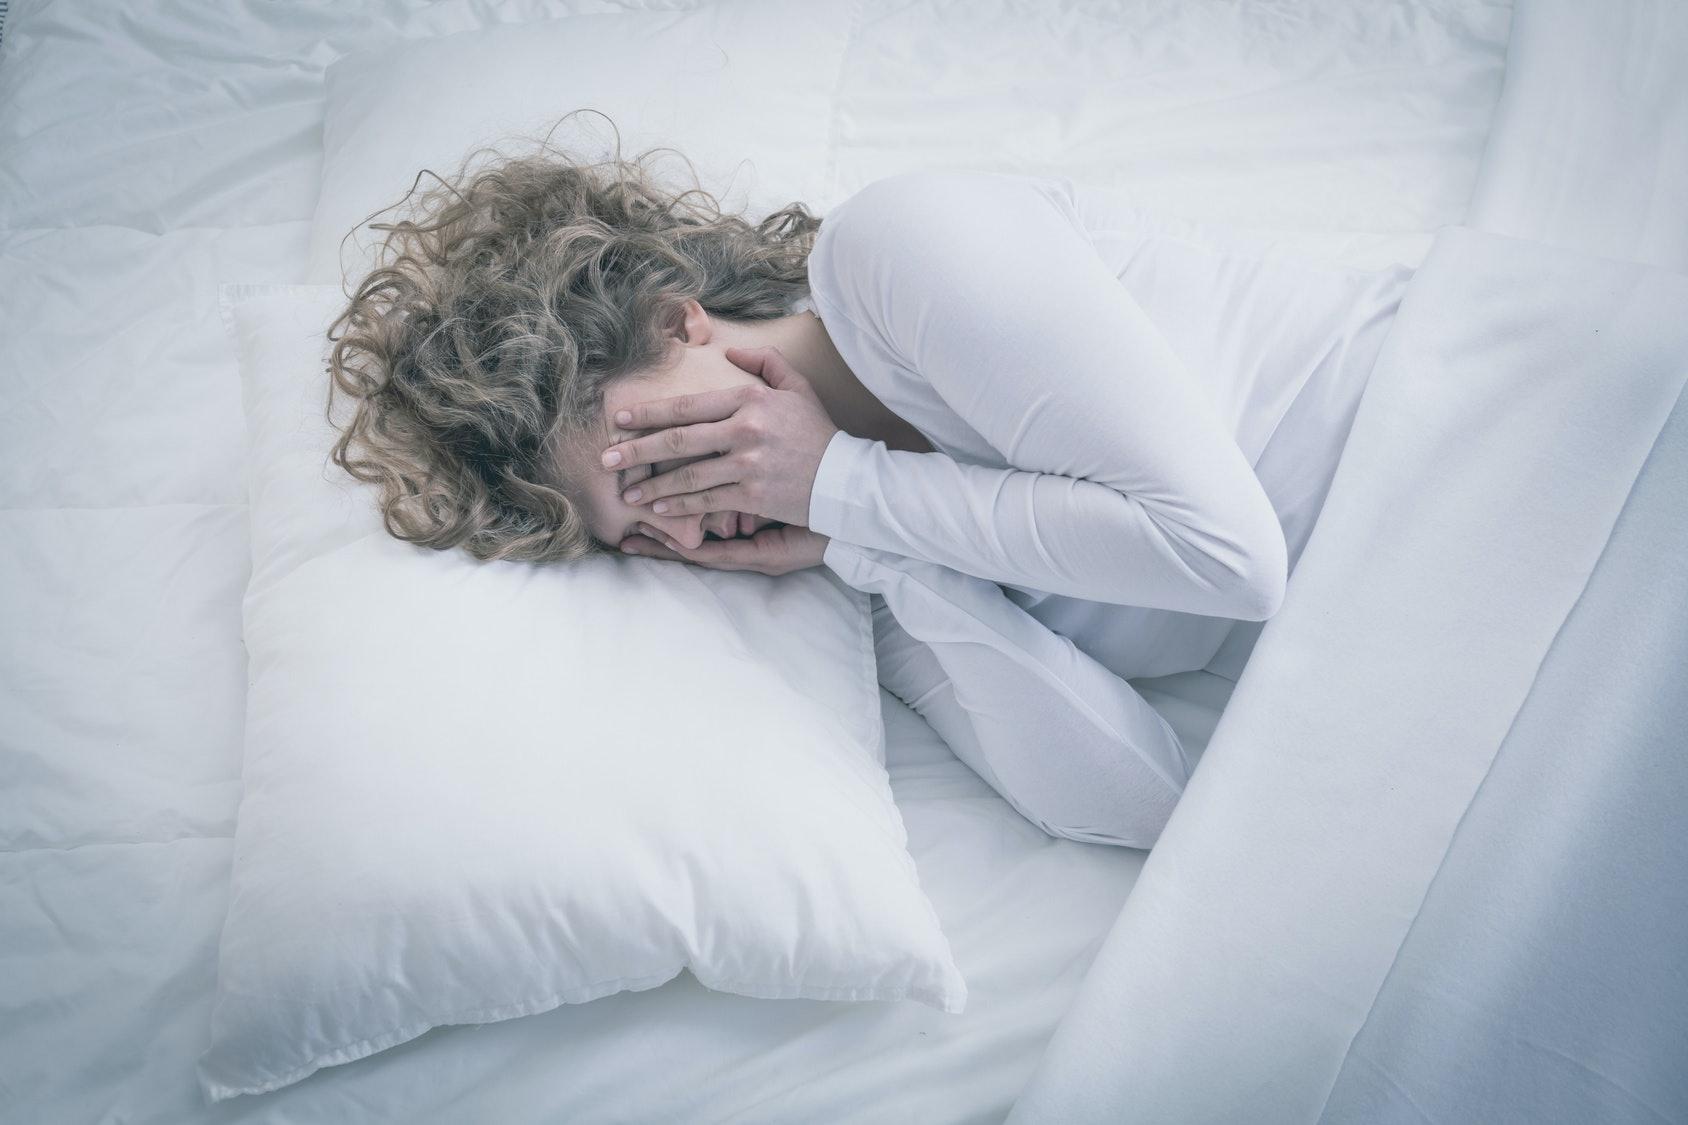 Sexsomnia triggers